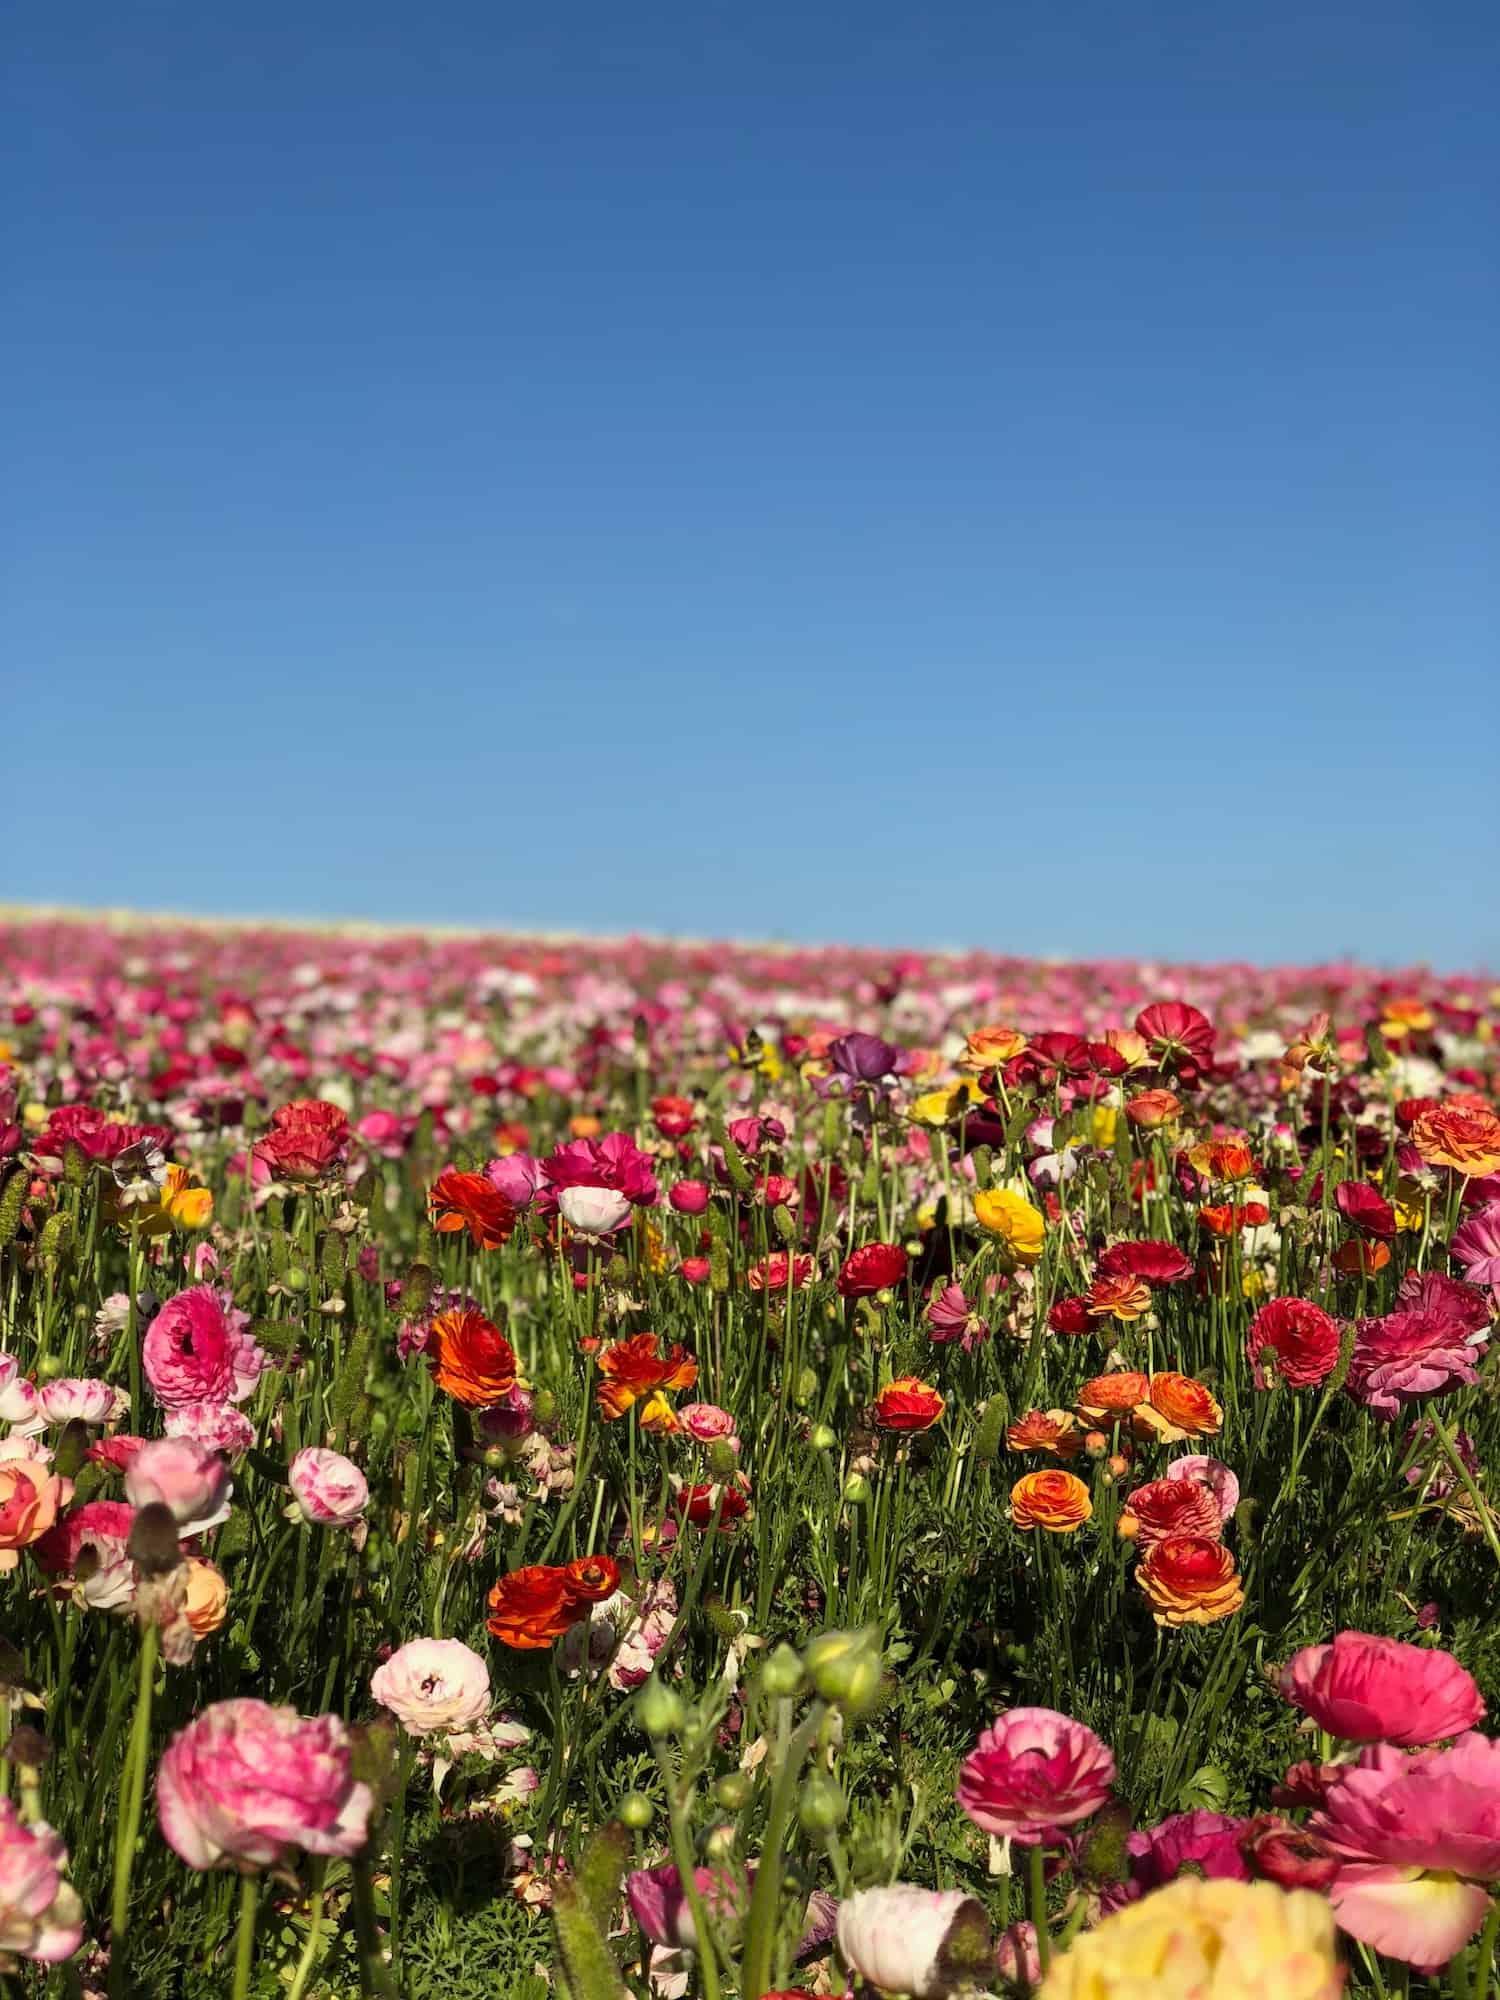 Flower Fields in California - Buttercups